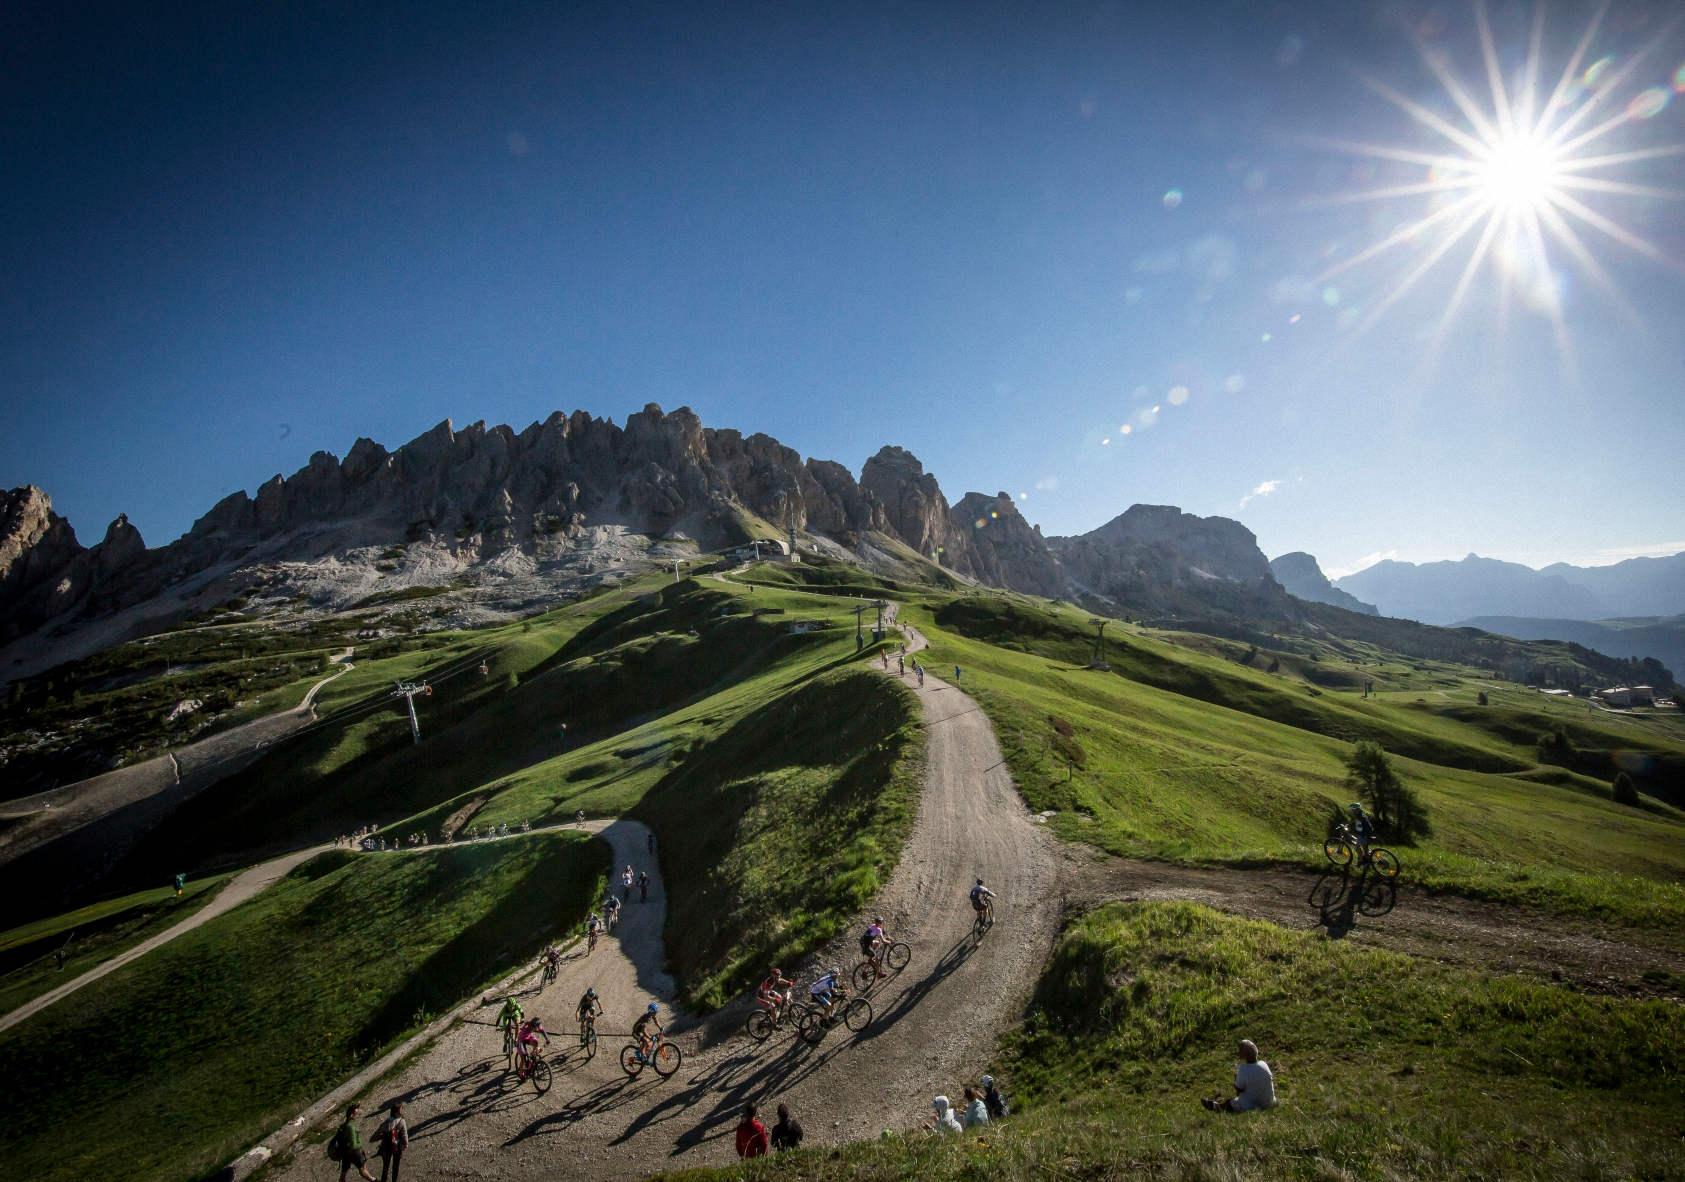 La HERO Südtirol Dolomites 2021 è confermata! Appuntamento il 12 giugno